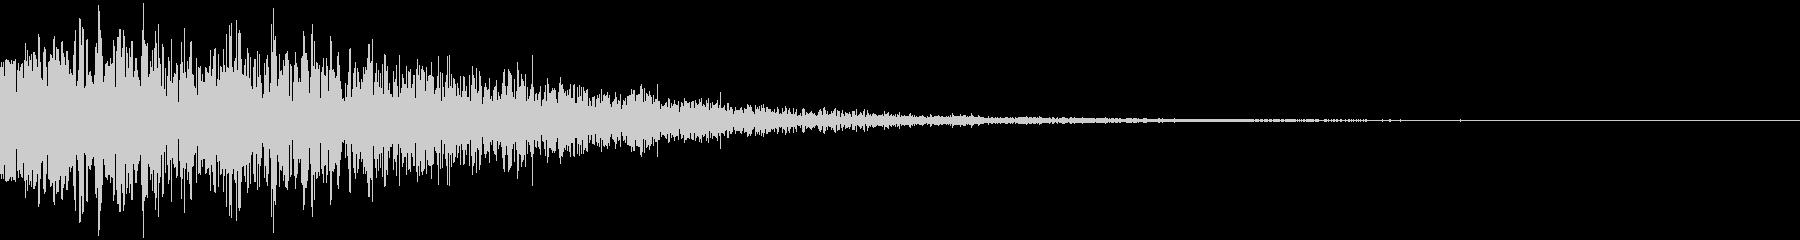 ドゥーン サウンドロゴ ハリウッド系の未再生の波形